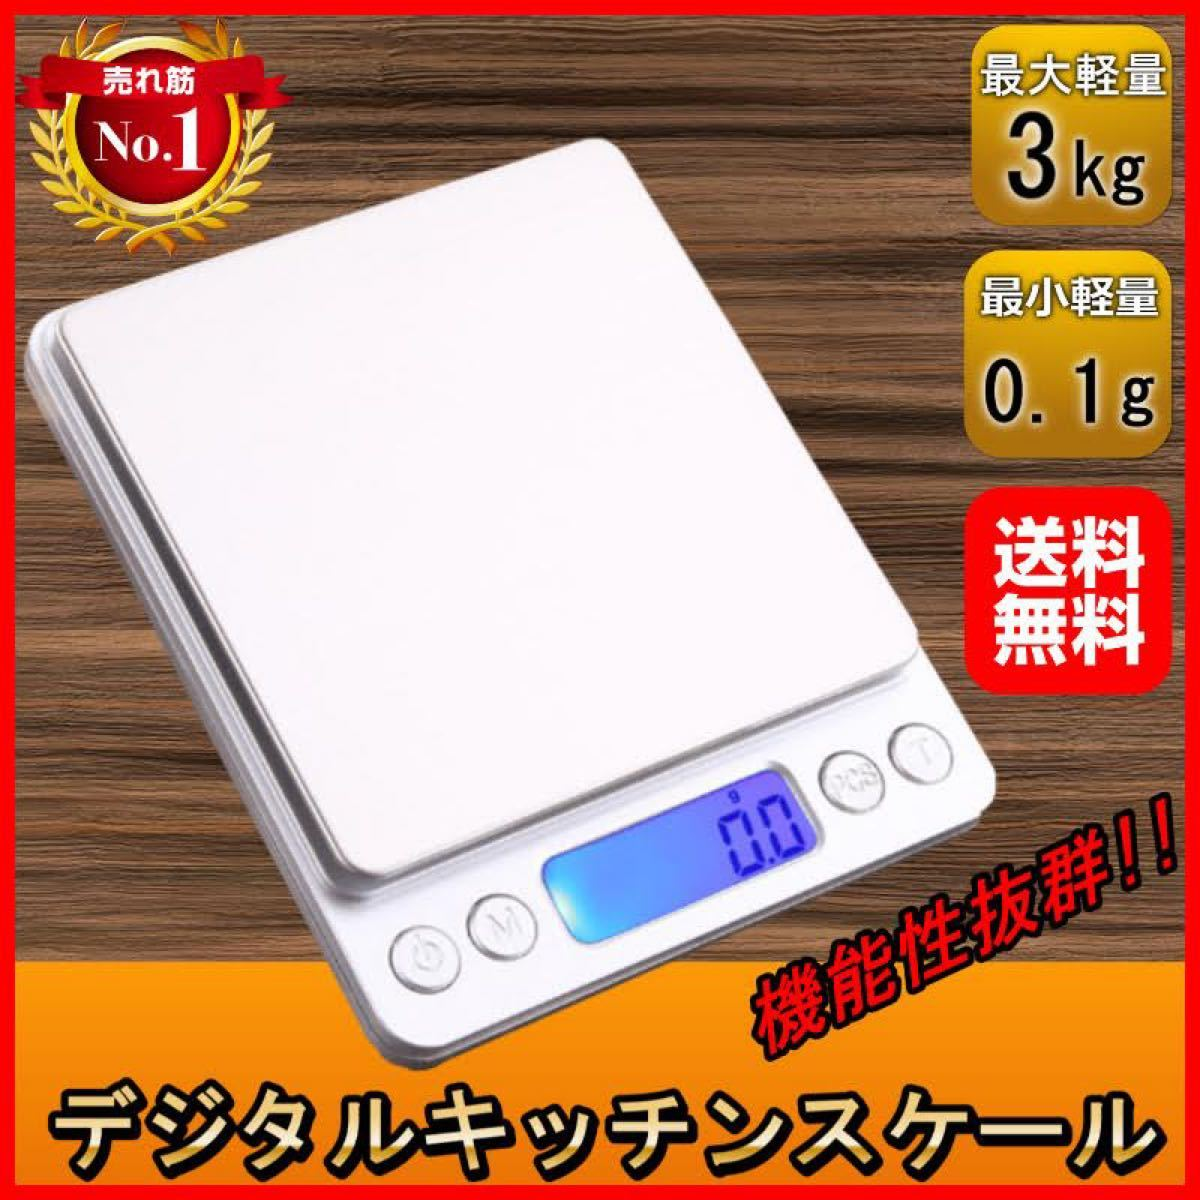 キッチンスケール デジタルスケール 電子はかり 計量器 デジタルキッチンスケール